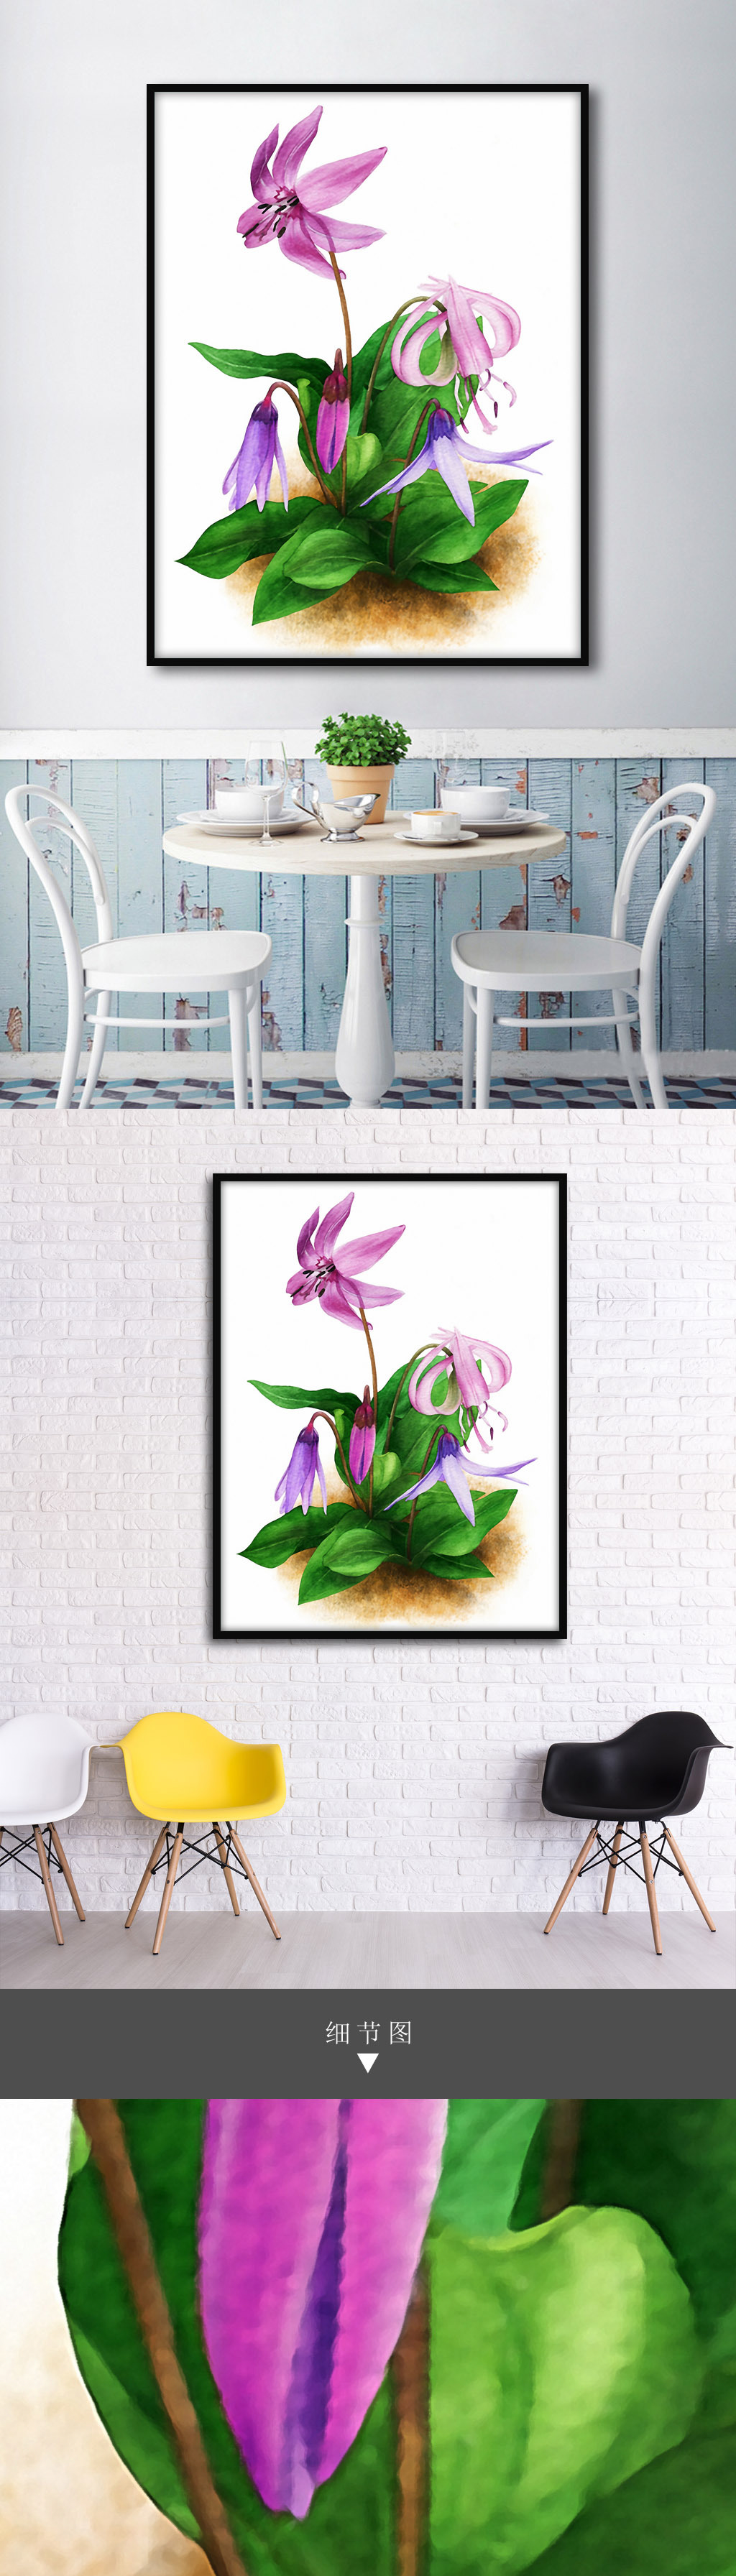 绘花卉植物北欧家居装饰画 -仙客来欧式现代手绘花卉植物北欧家居